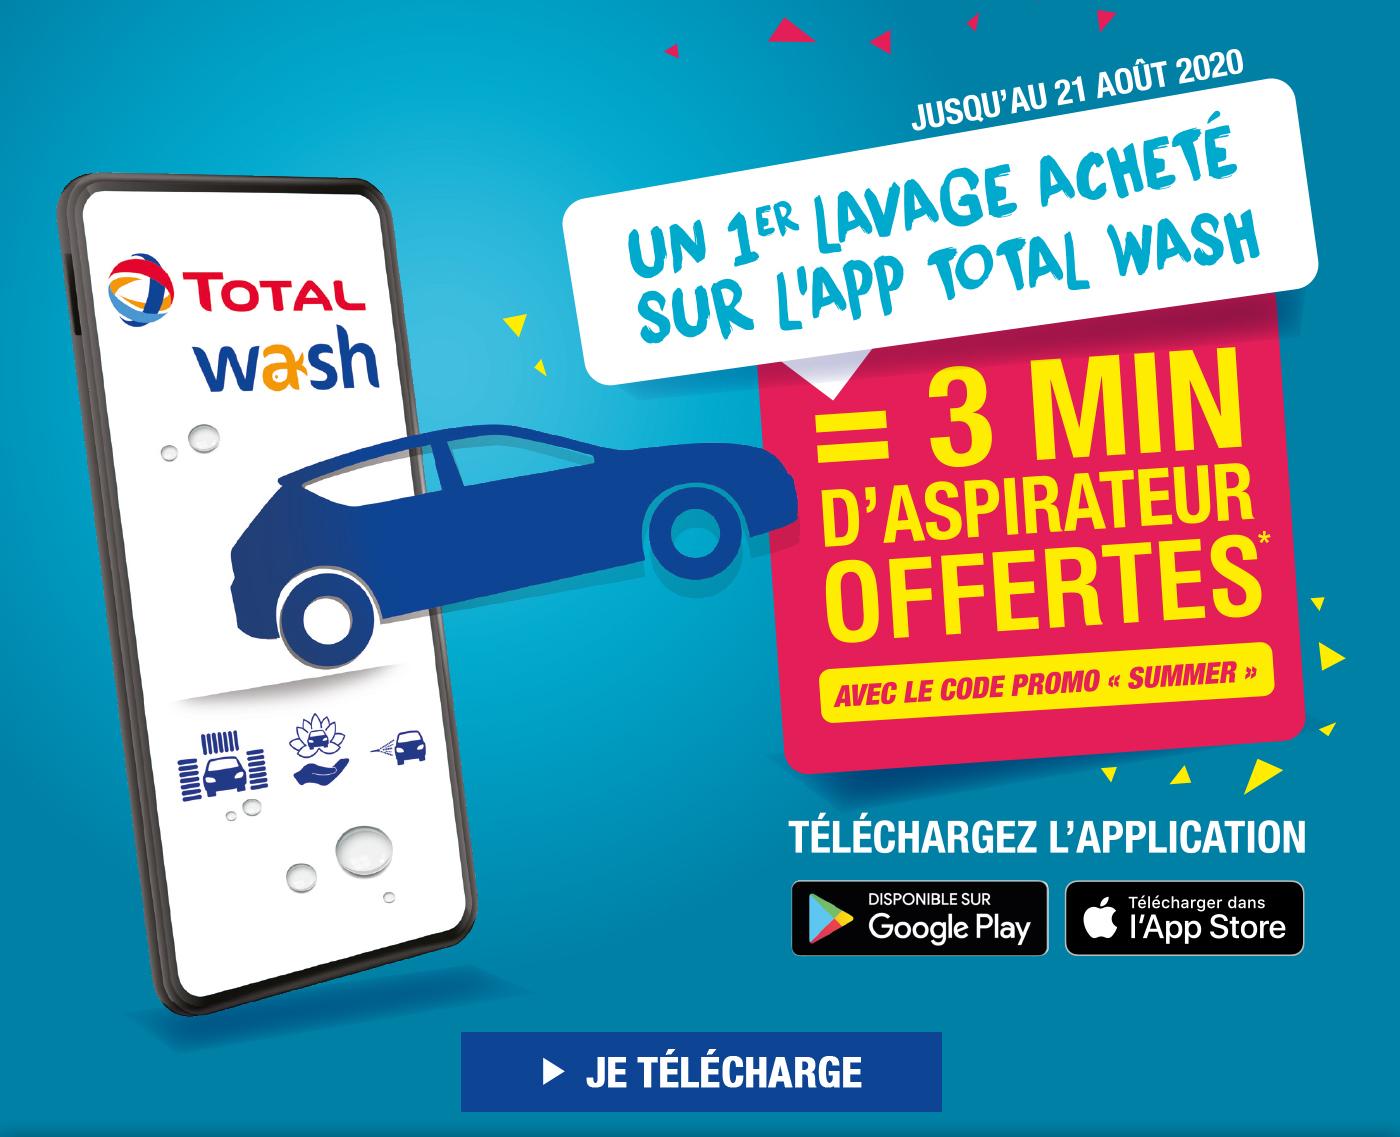 [Nouveaux Clients] 3 minutes d'aspirateur offertes pour tout 1er lavage Total Wash acheté (Via l'application)